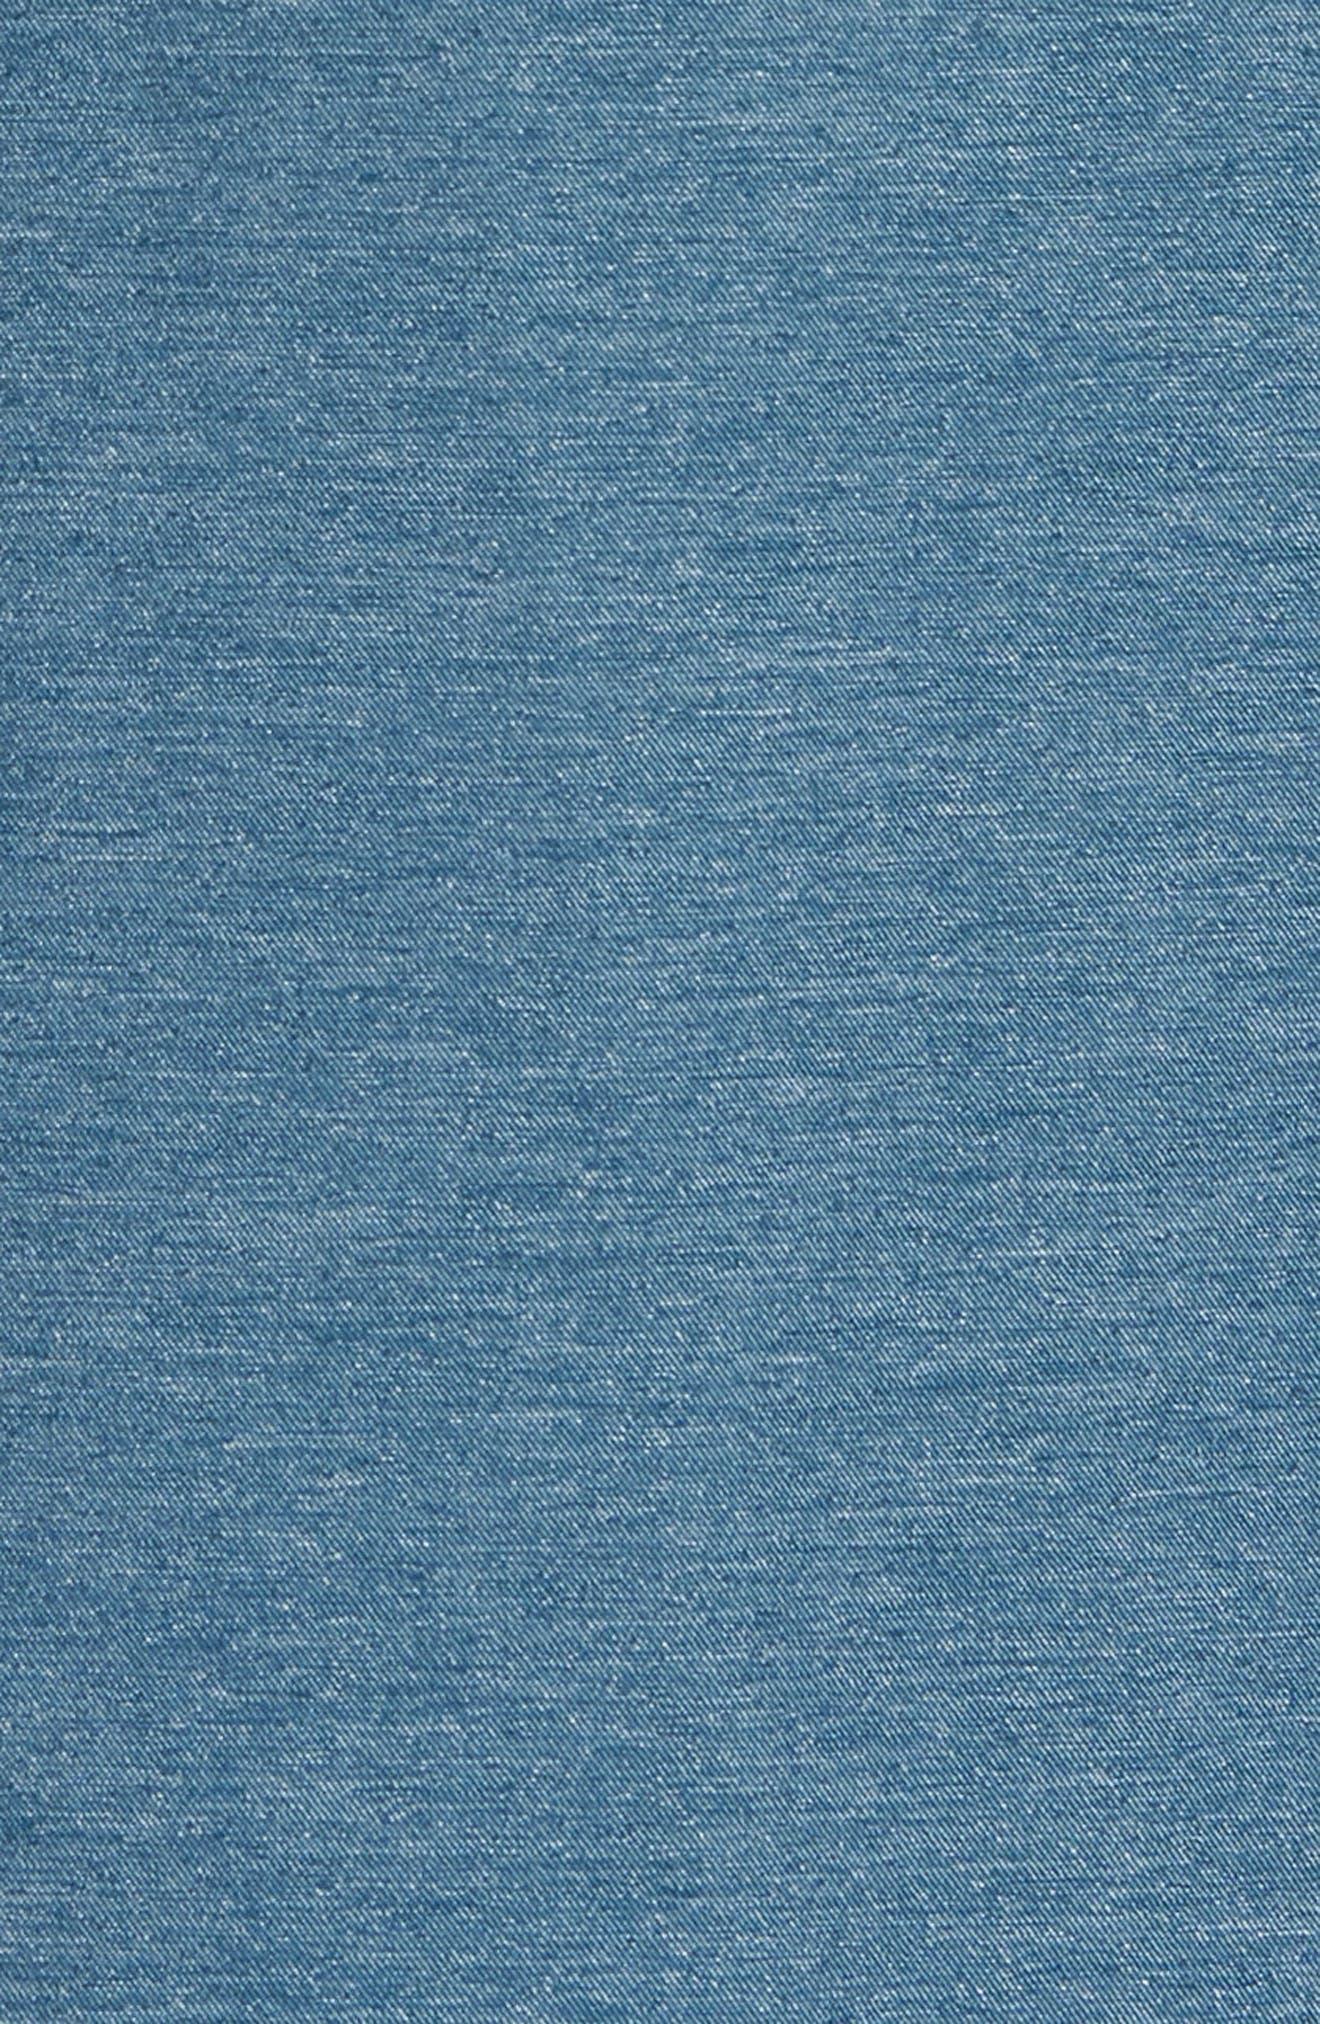 Steep Sport Jacket,                             Alternate thumbnail 5, color,                             Desert Blue